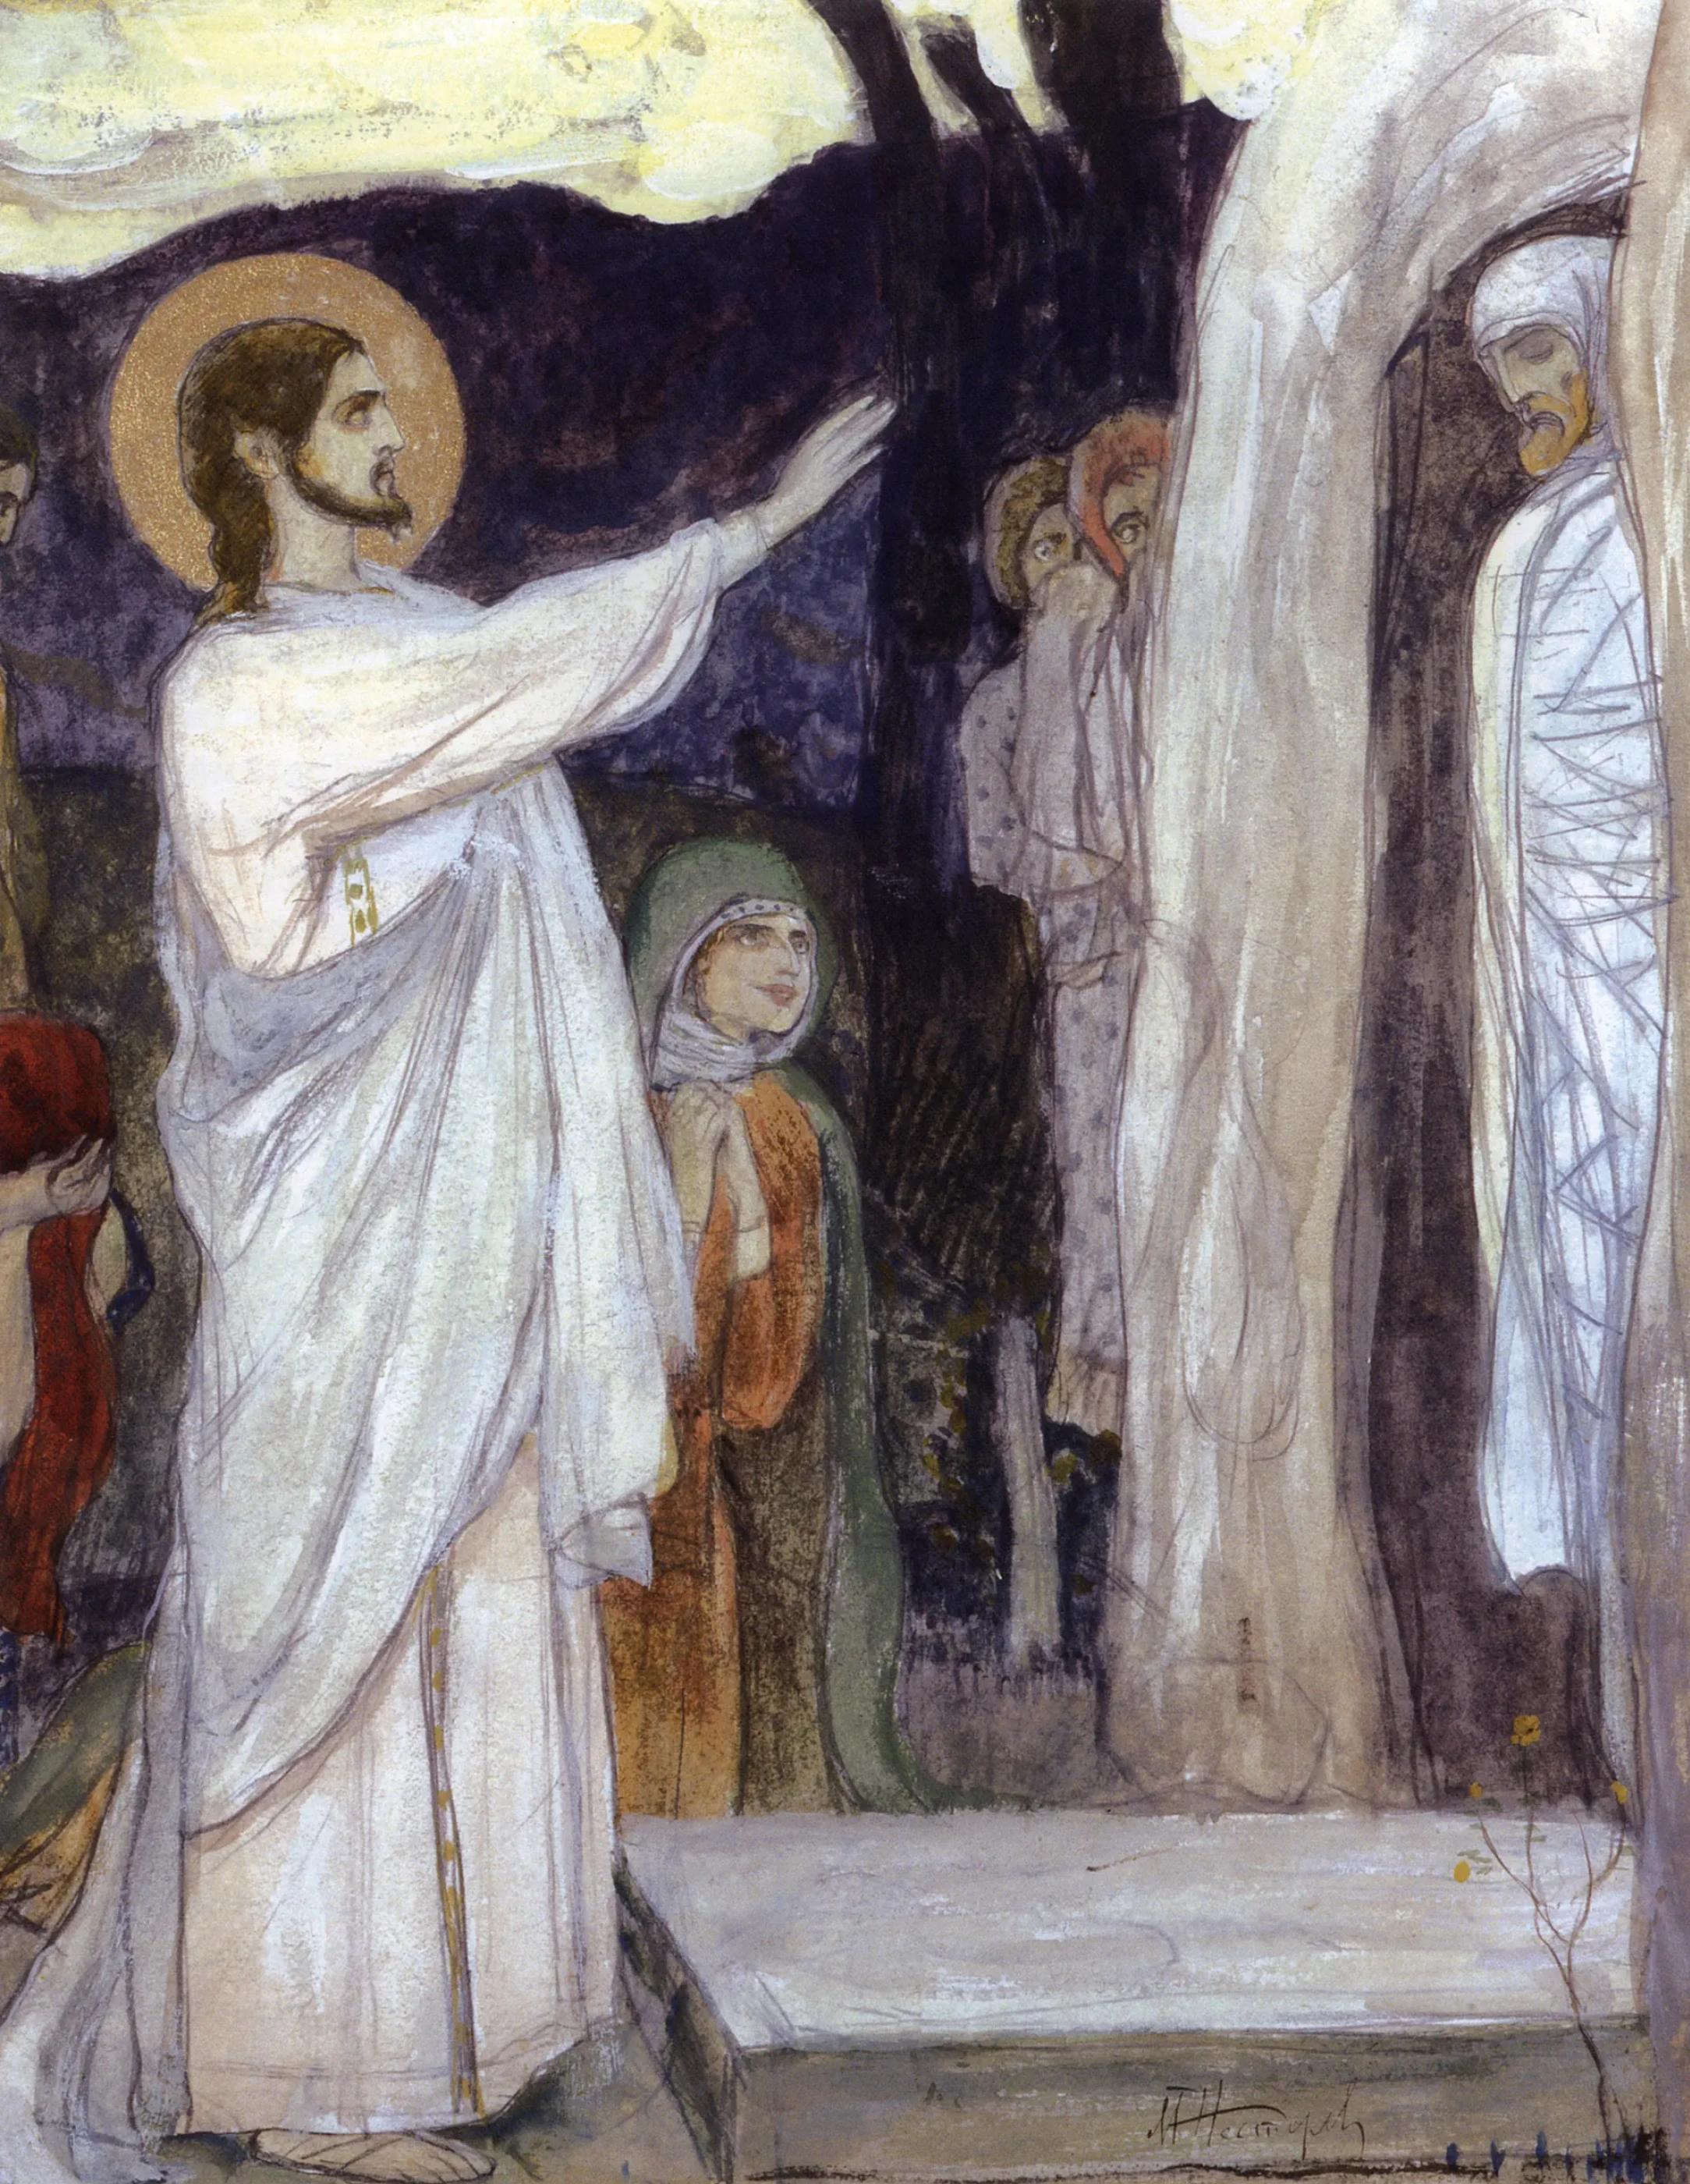 Михаил Нестеров «Воскрешение Лазаря» (эскиз росписи северной стены церкви Св. Александра Невского в Абастумани, 1899)